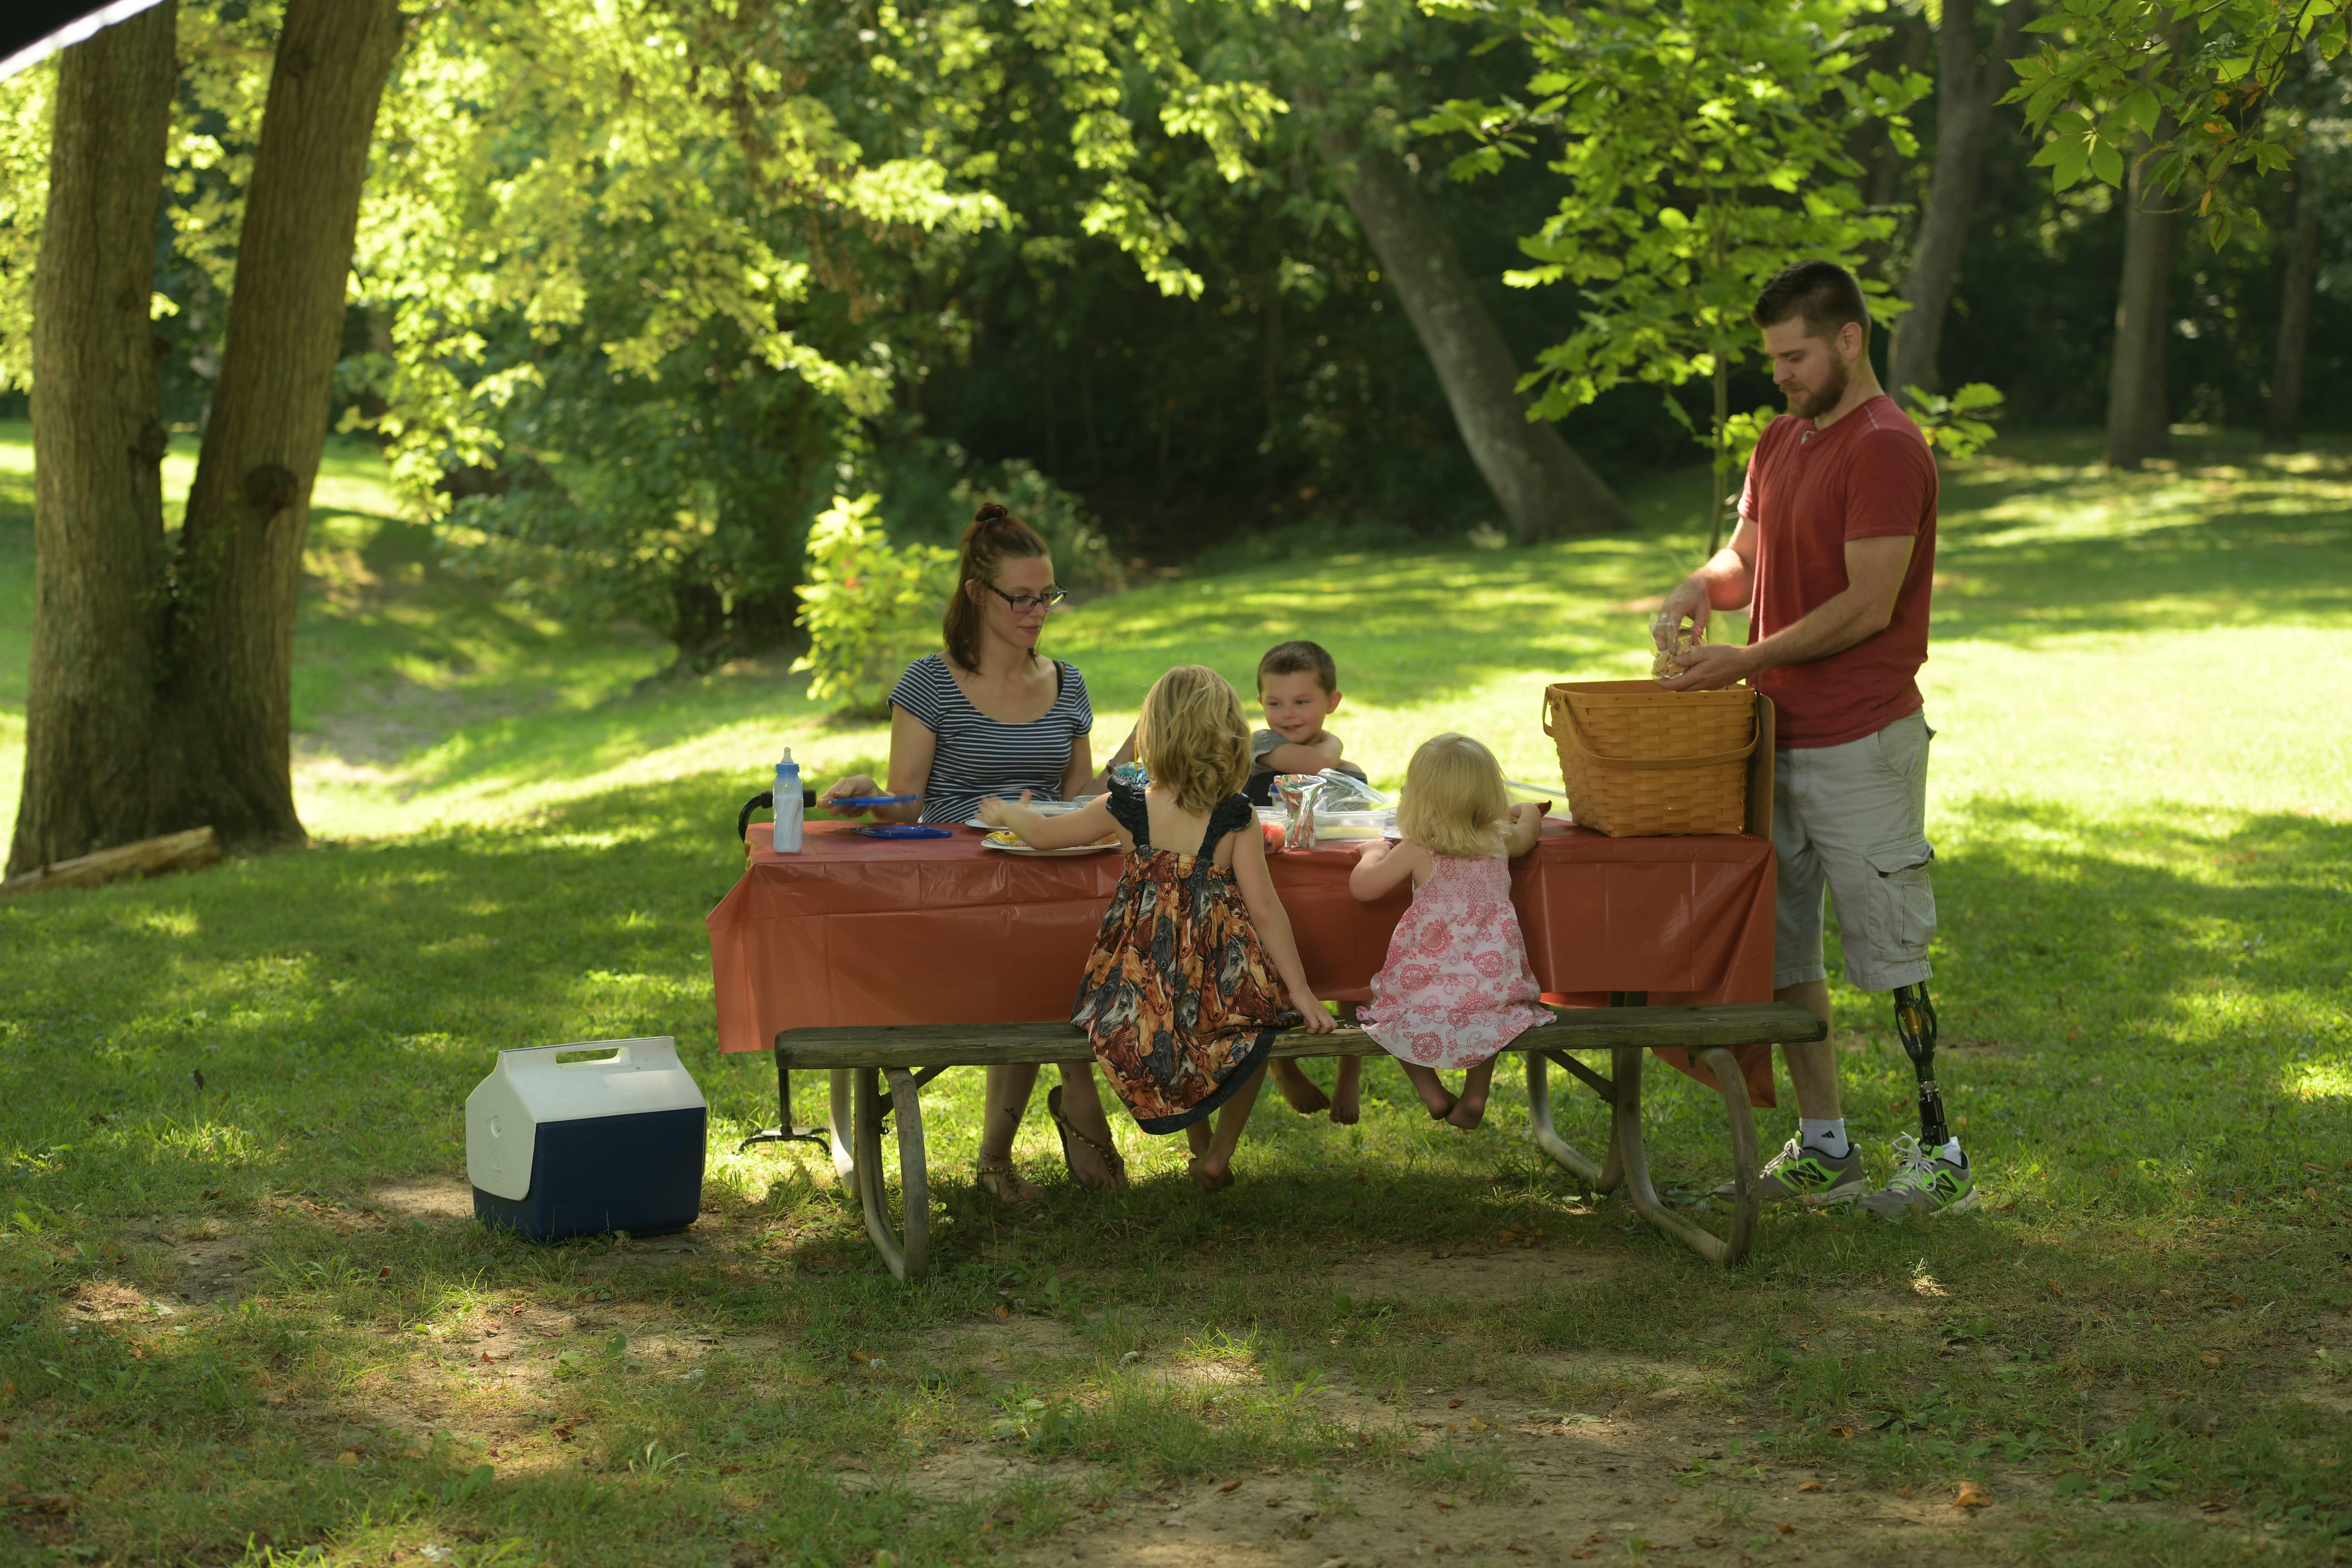 Prosthetic Leg family picnic Willowwood